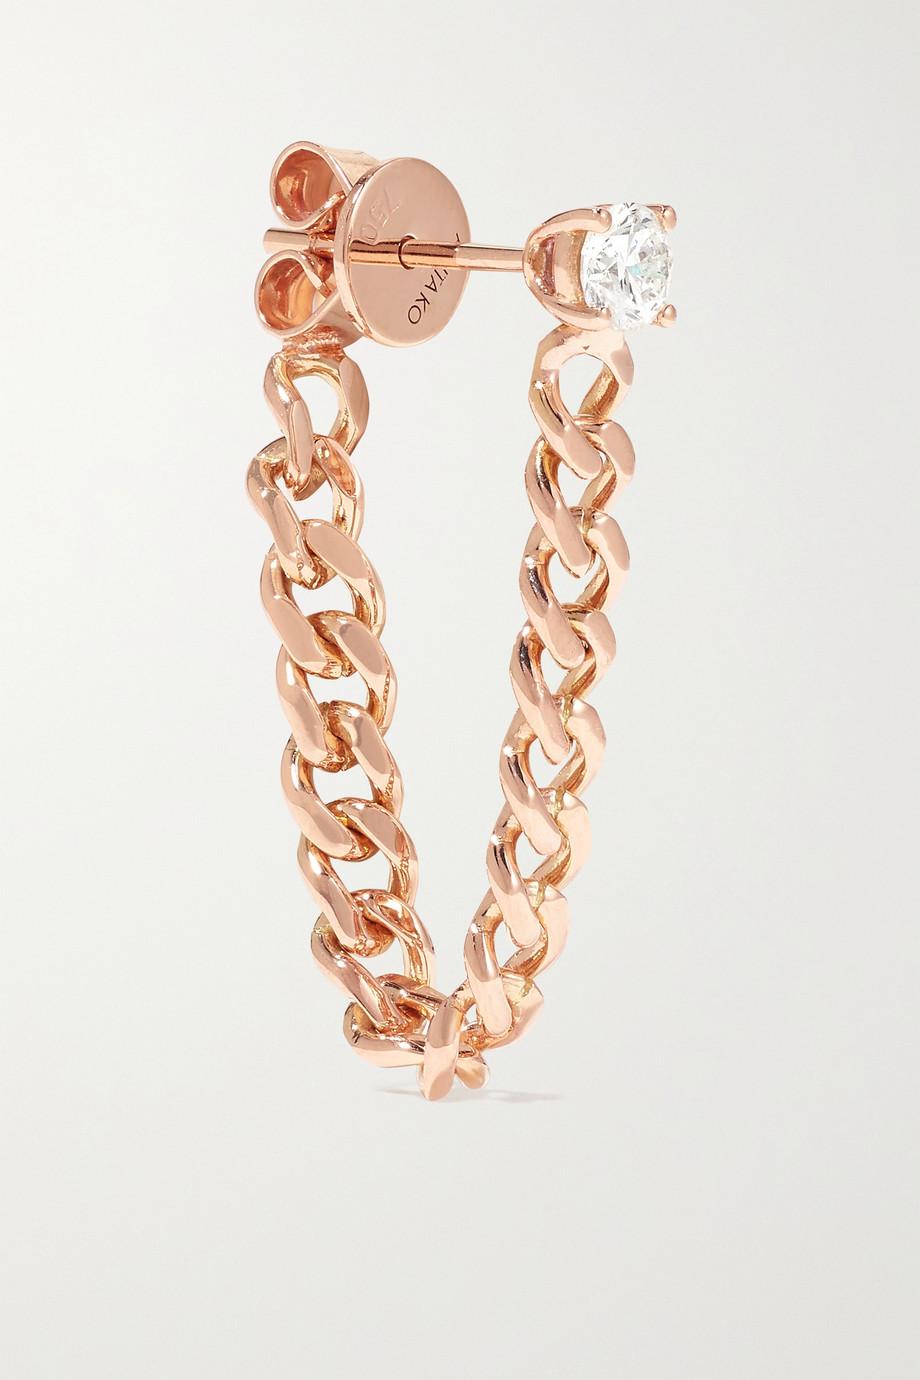 Anita Ko Boucle d'oreille unique en or rose 18 carats (750/1000) et diamant